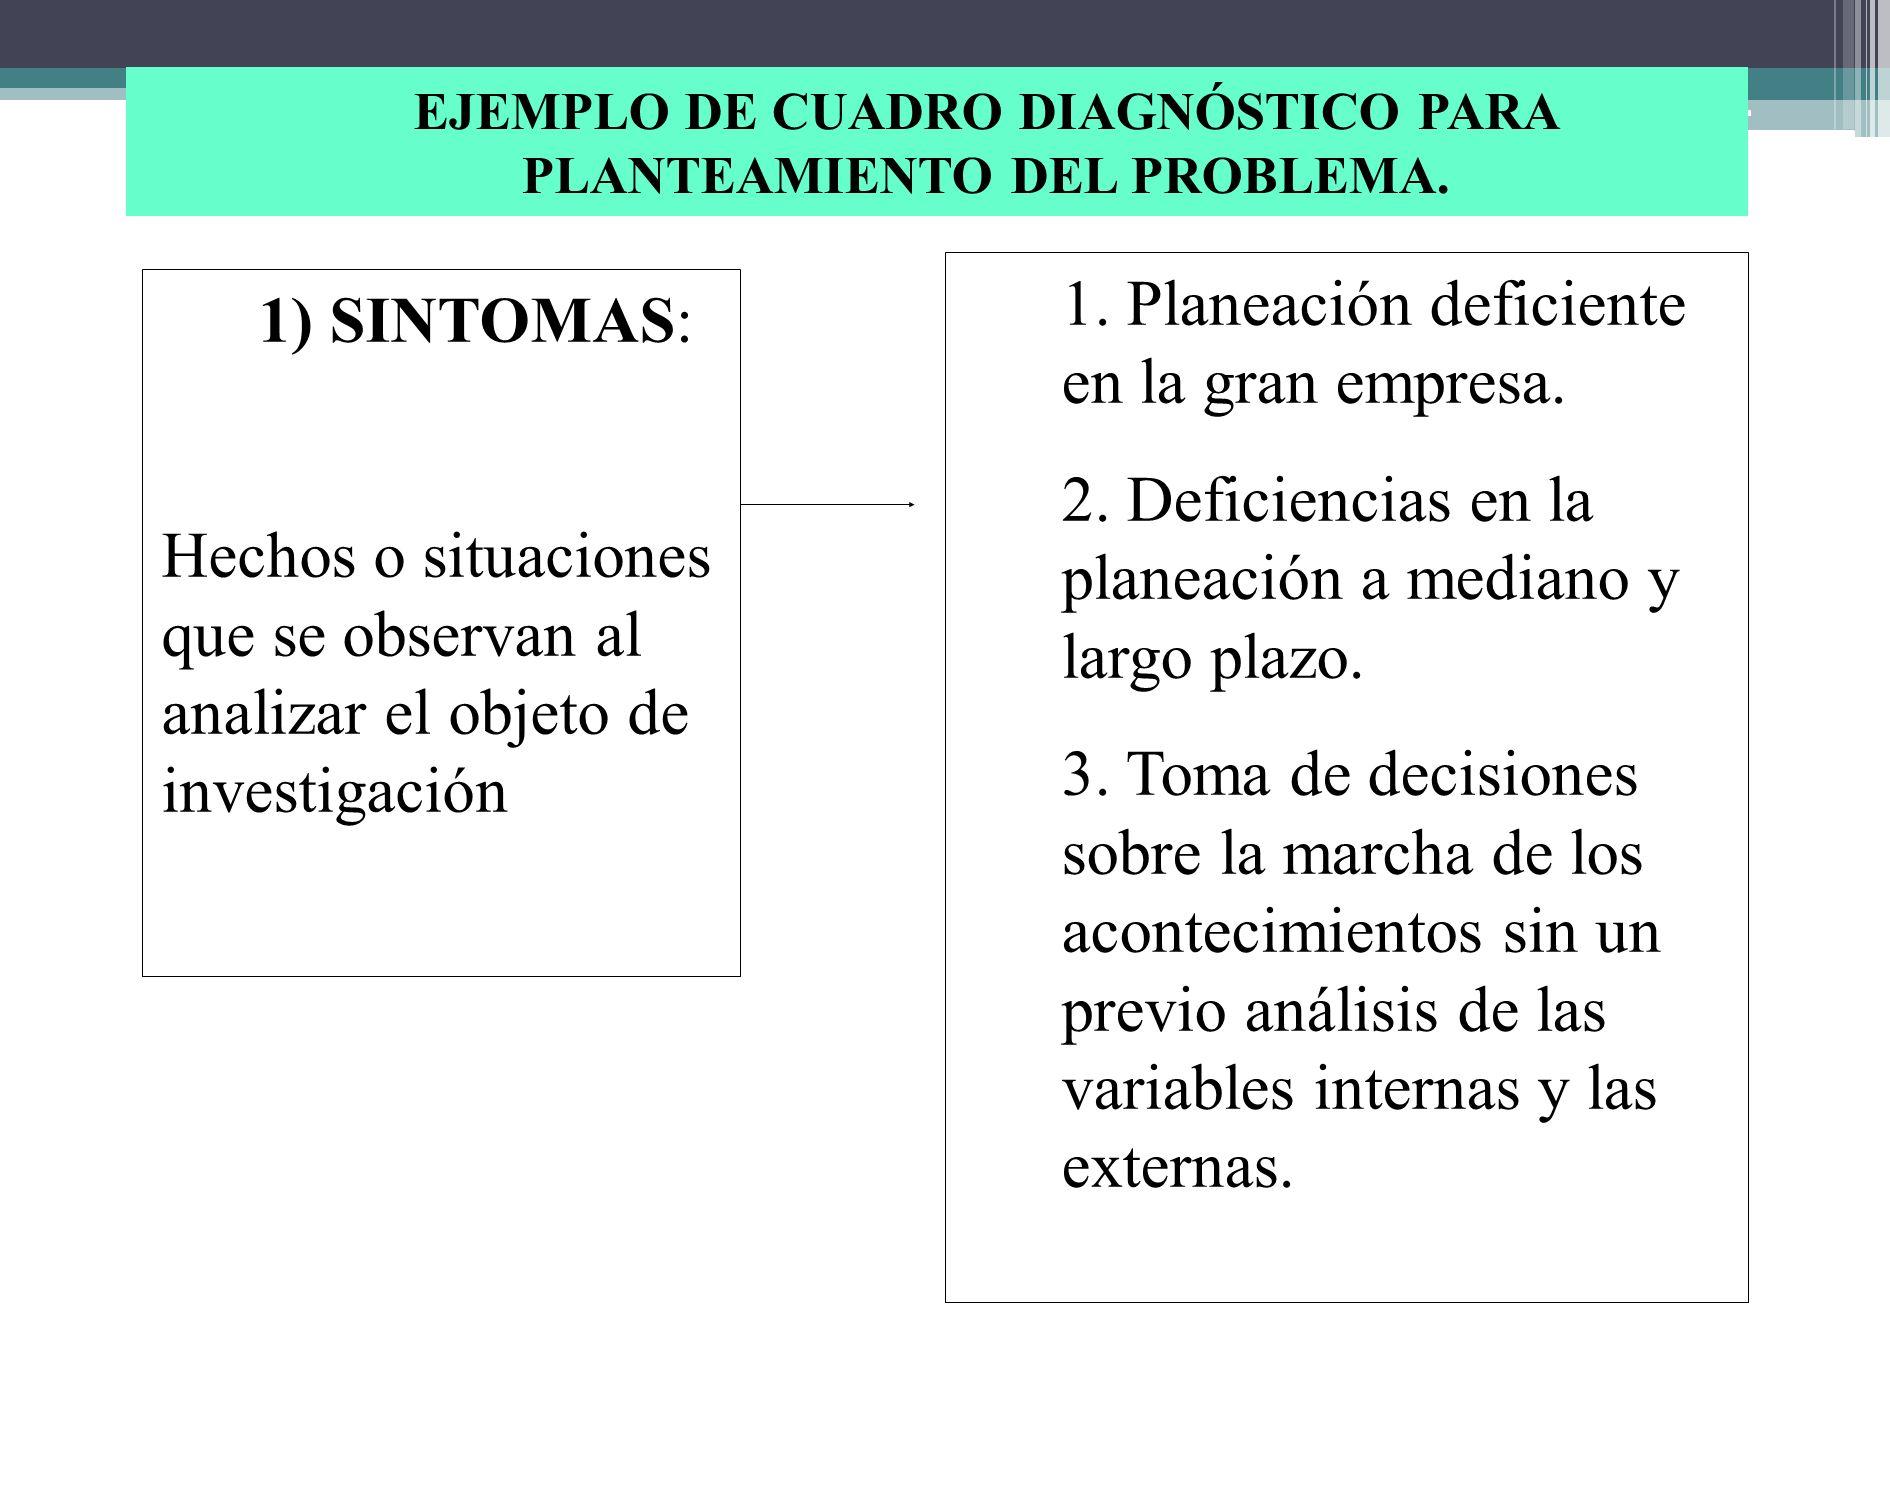 EJEMPLO DE CUADRO DIAGNÓSTICO PARA PLANTEAMIENTO DEL PROBLEMA.